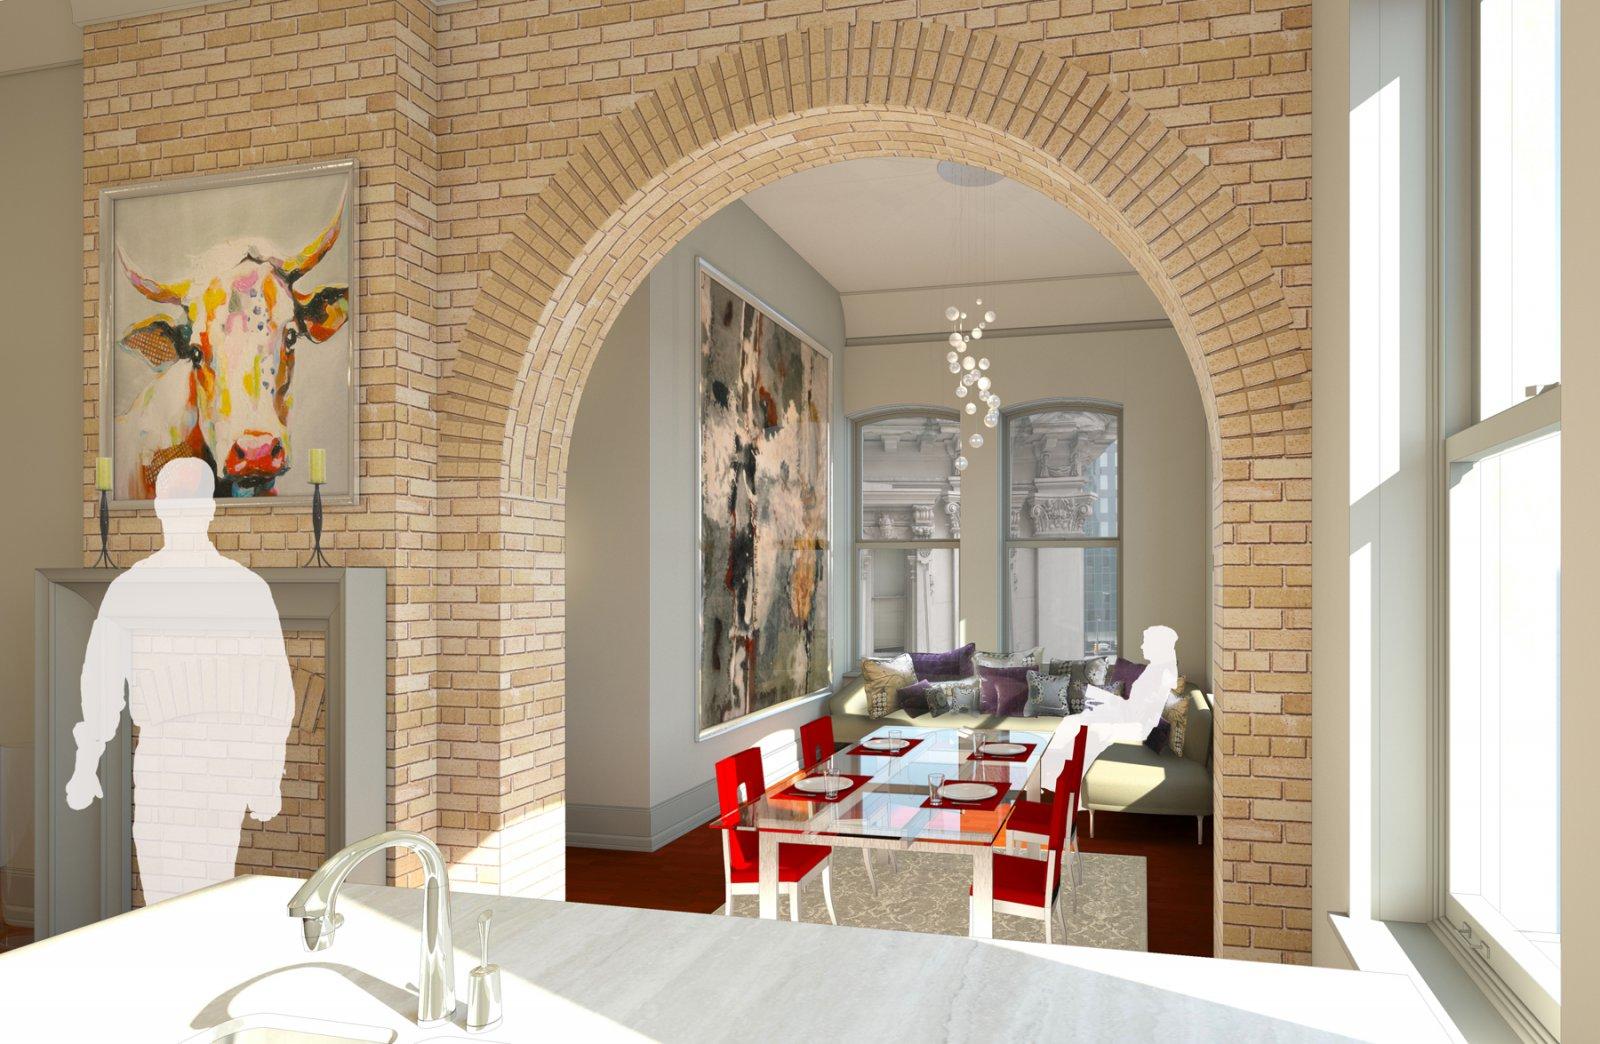 Mackie Building Looking Towards the Living Room Rendering